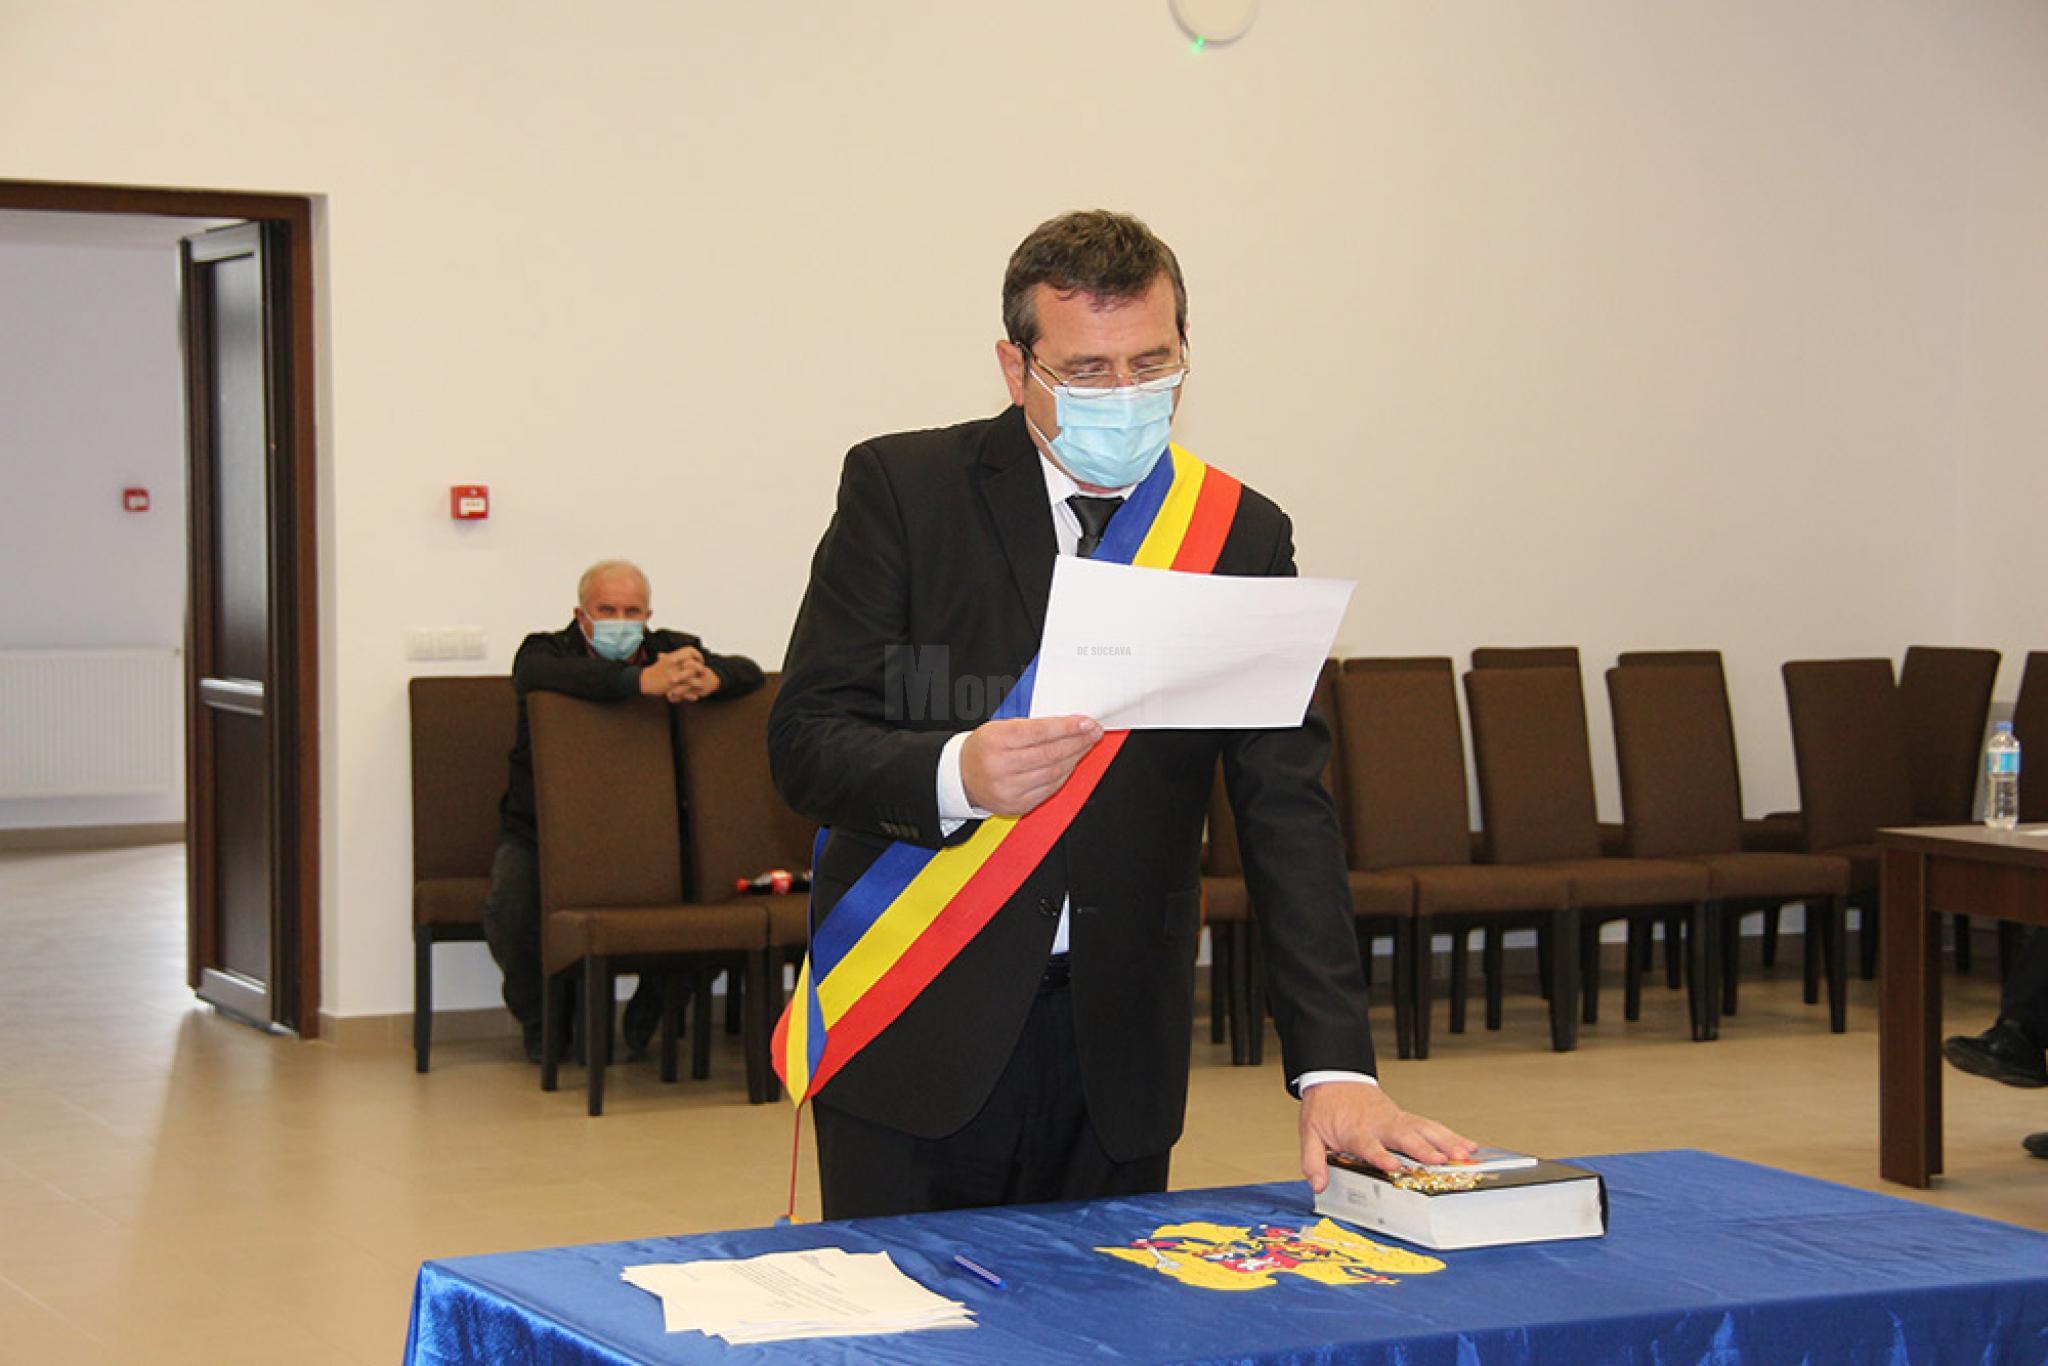 Liberalul Mugurel Bocancea a preluat oficial conducerea comunei Todiresti